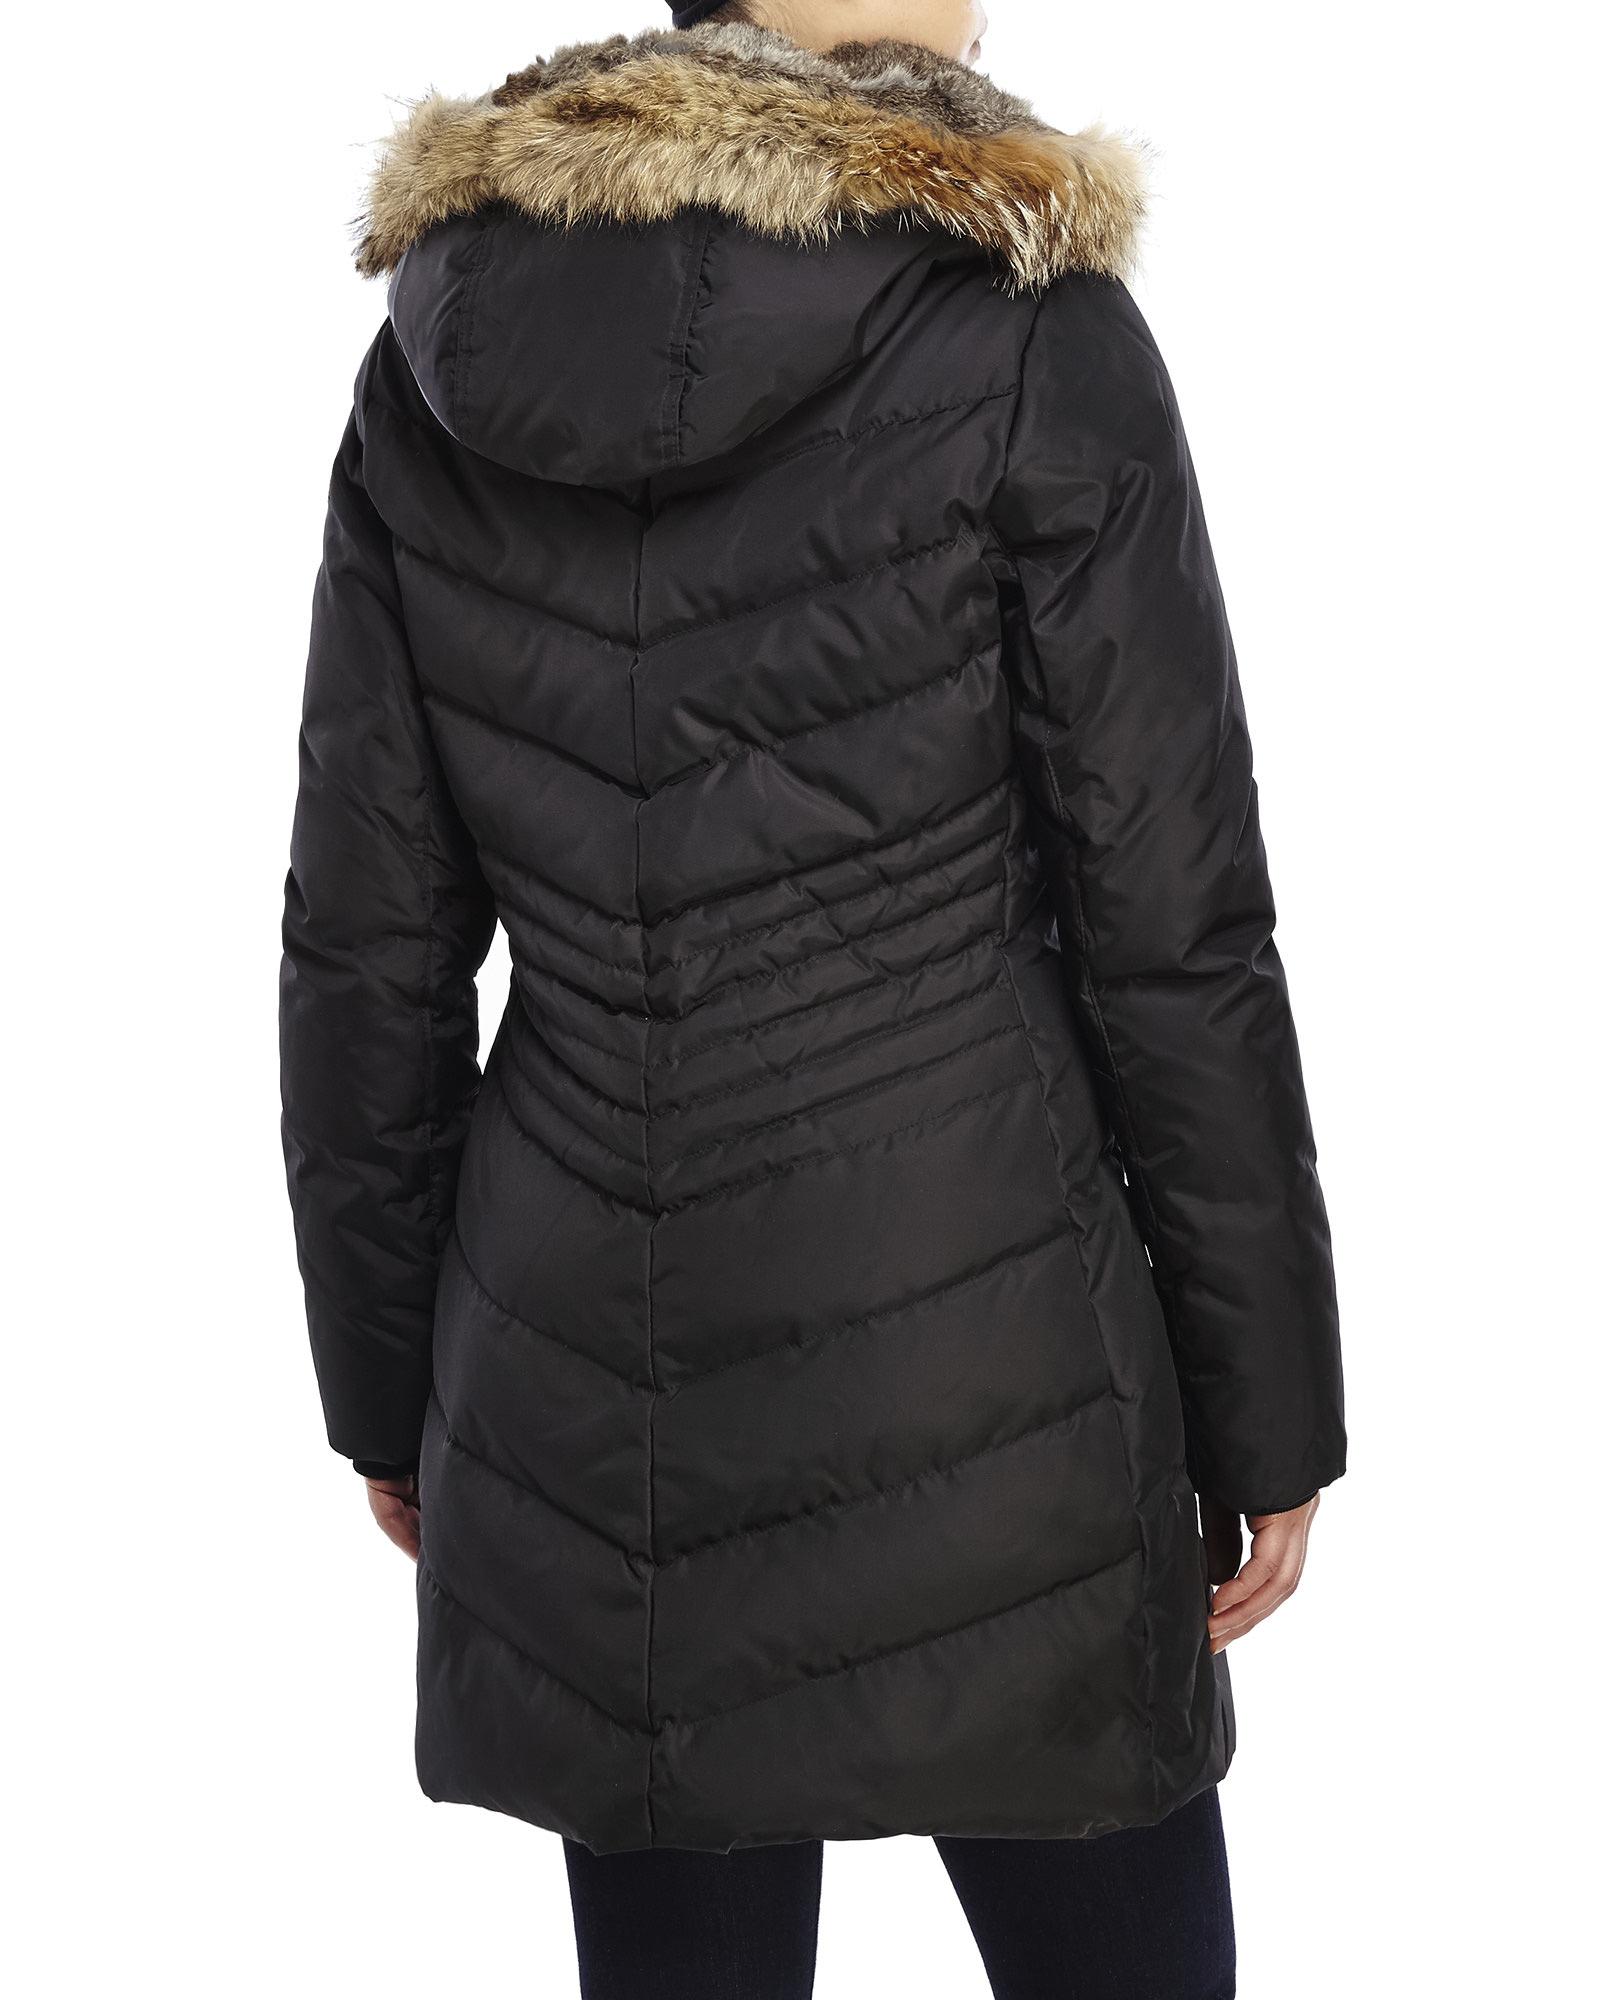 Pajar Brooklyn Real Fur Trim Down Parka In Black Lyst